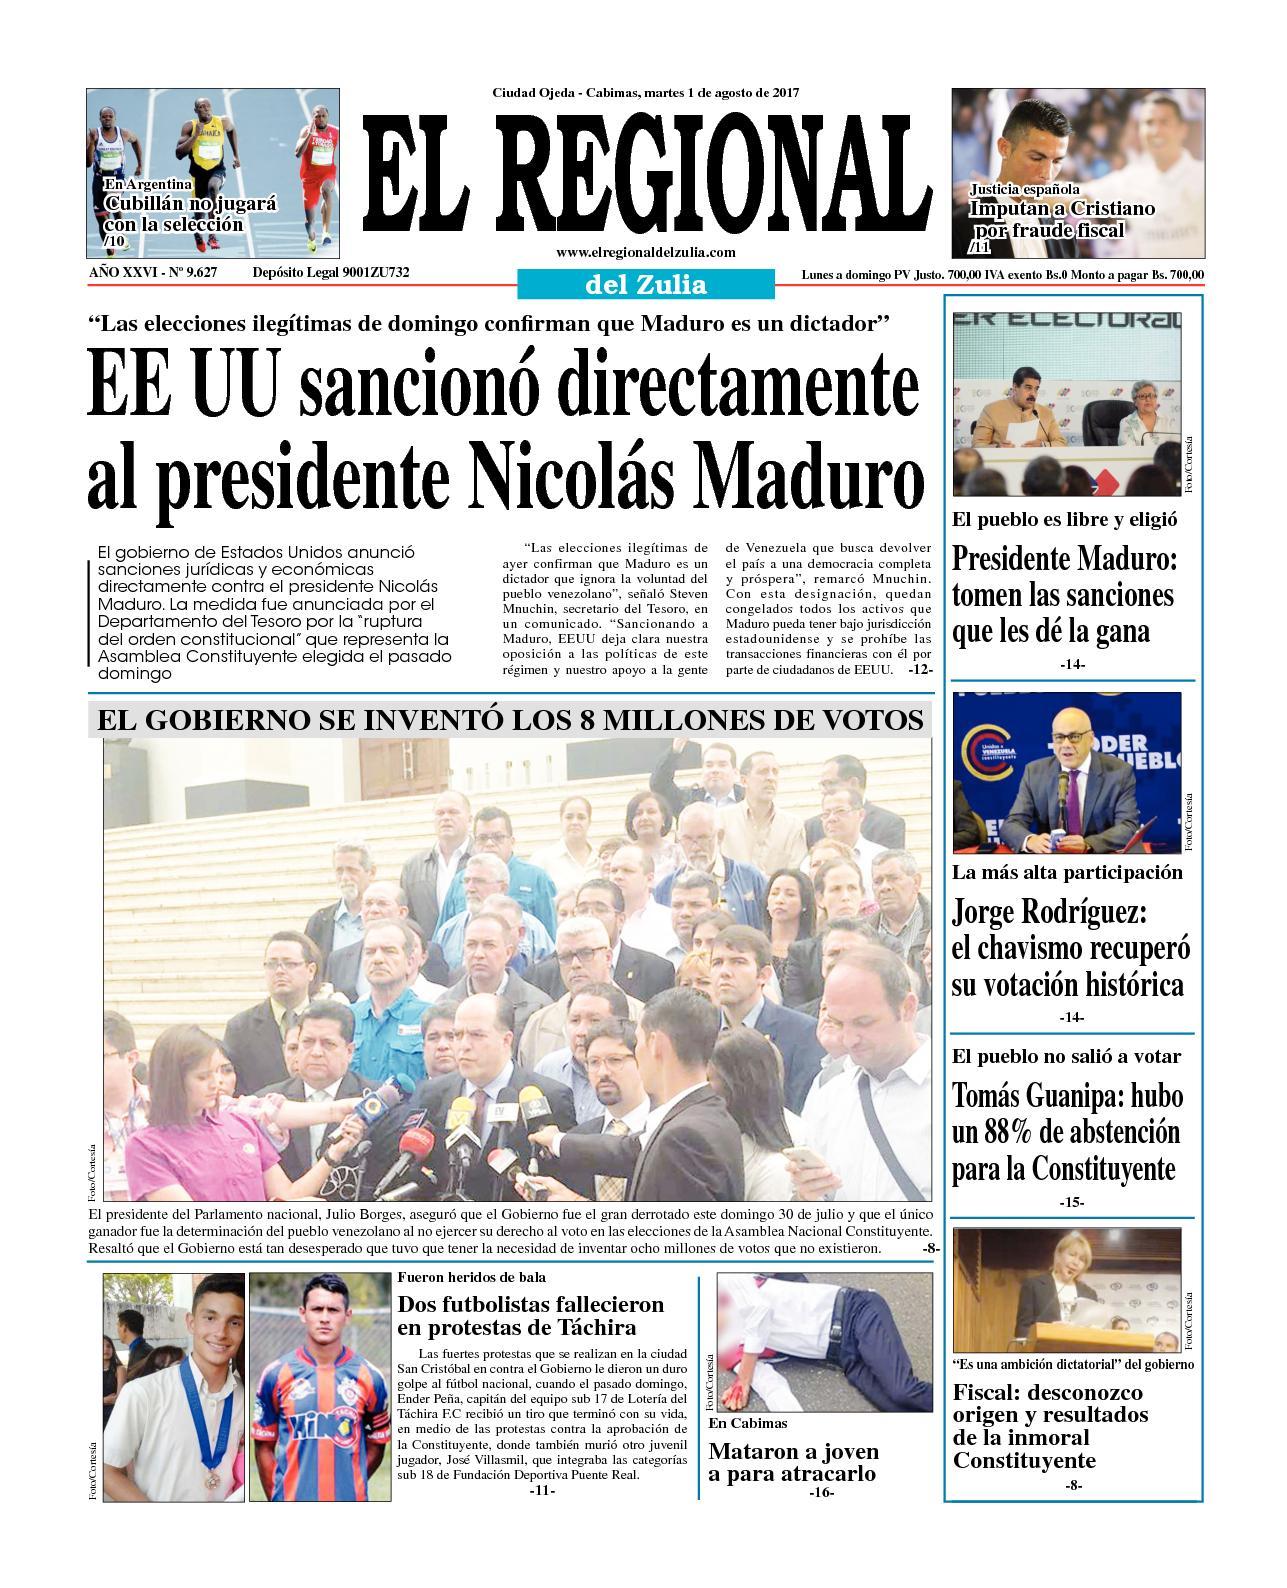 El regional del zulia 01-08-2017